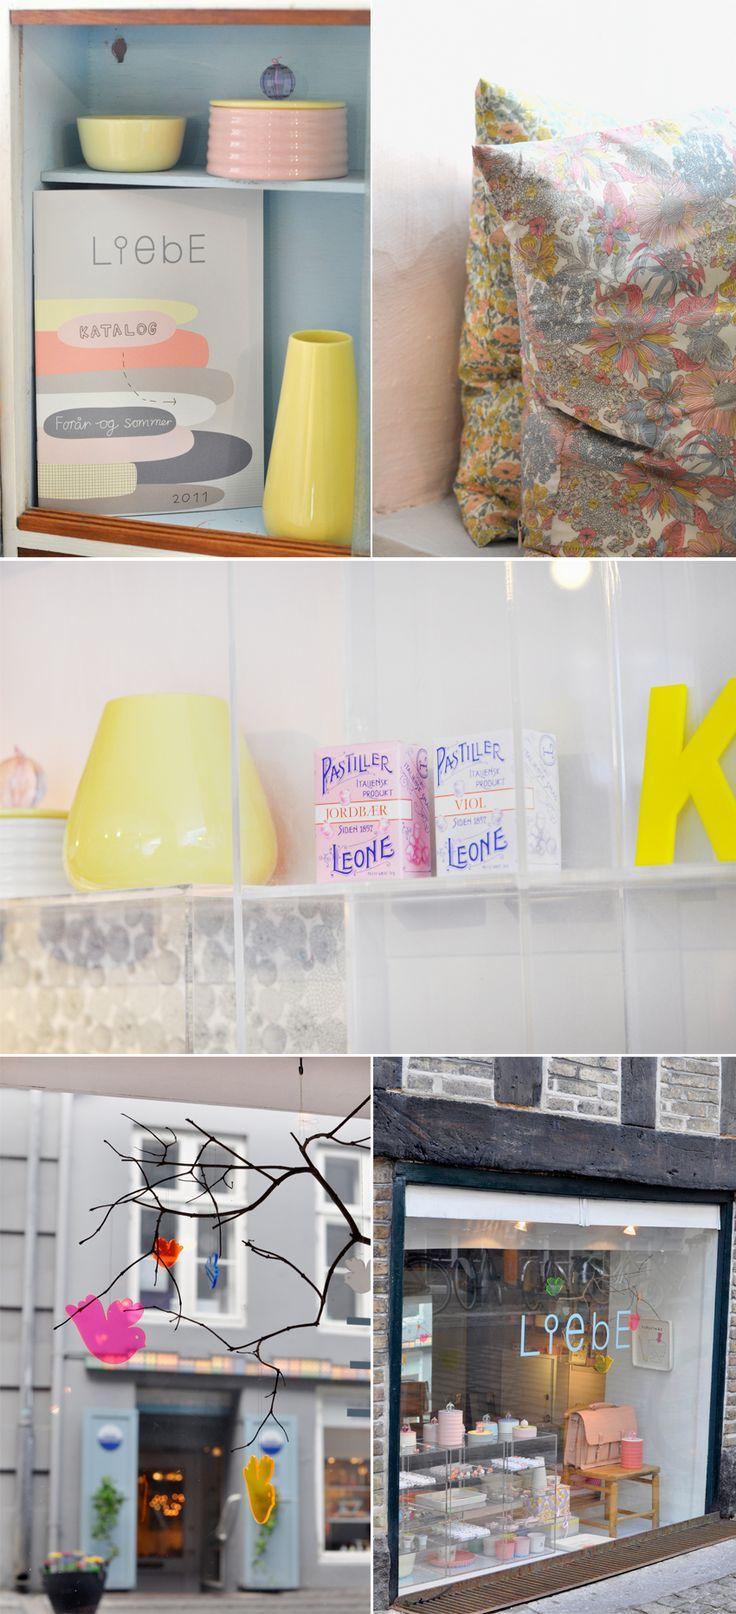 Liebe, Adorable boutique, Kompagniestraede 23, Copenhagen